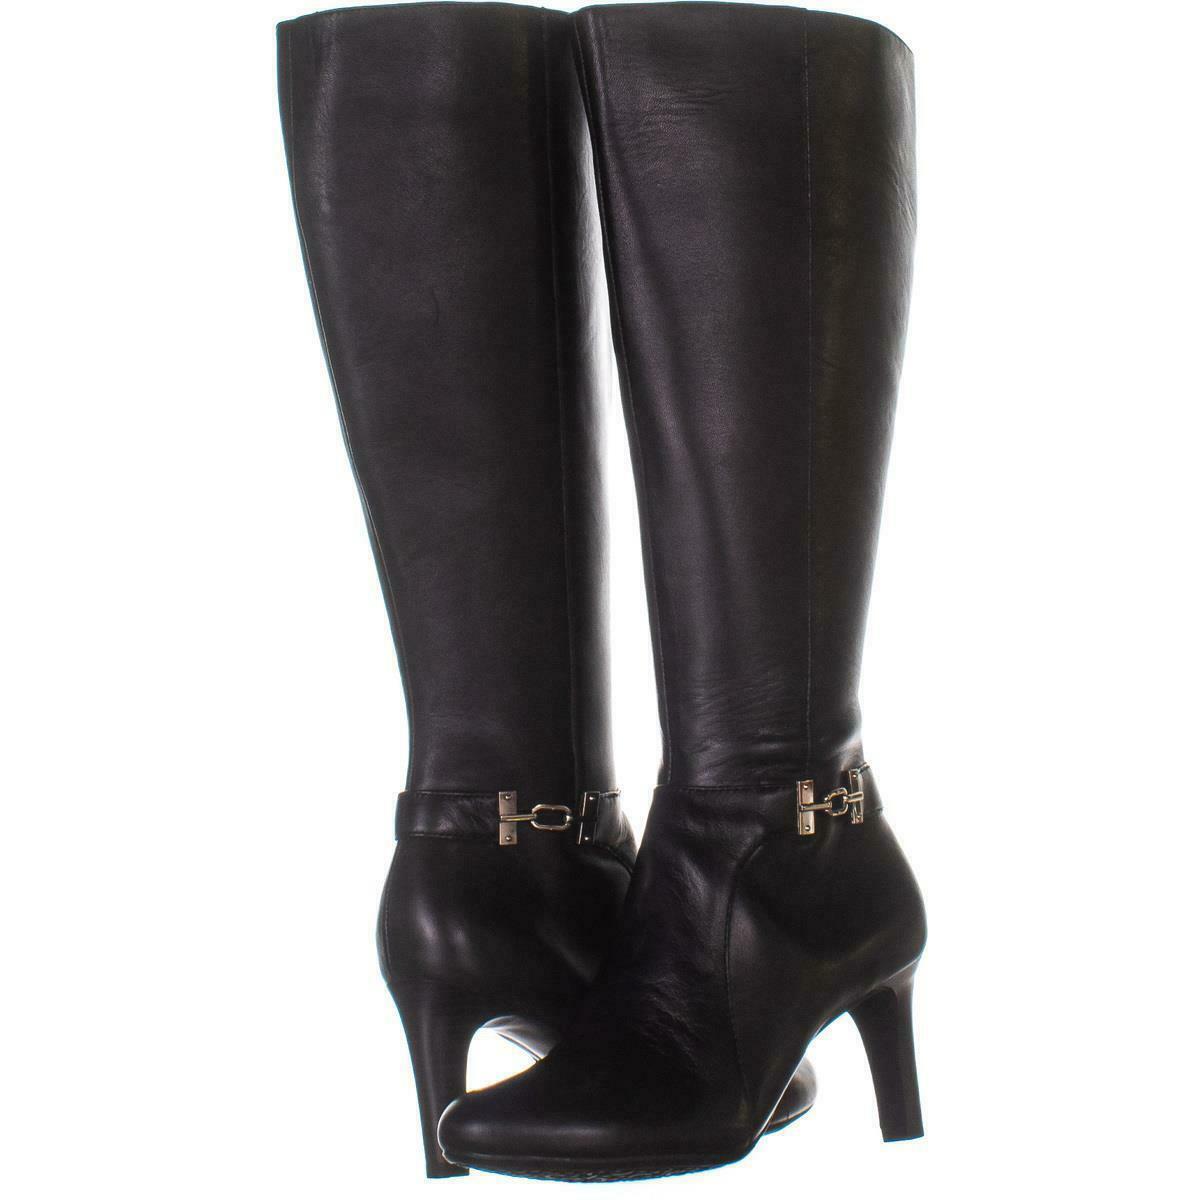 2883f936d81 Bandolino Boot: 566 listings